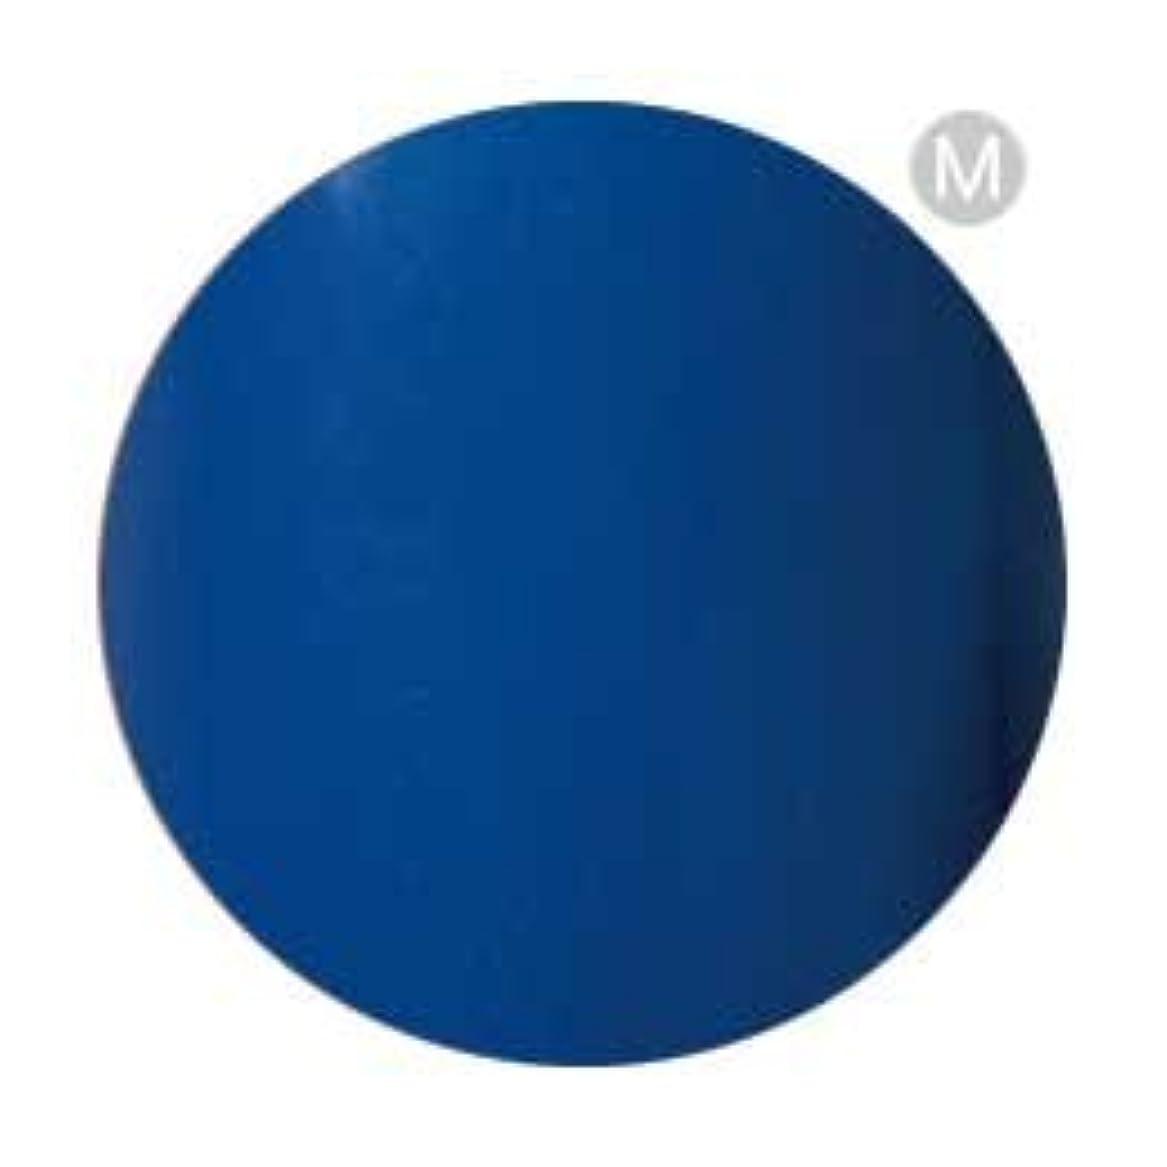 ロッカー選ぶナインへPalms Graceful カラージェル 3g 004 ブルー